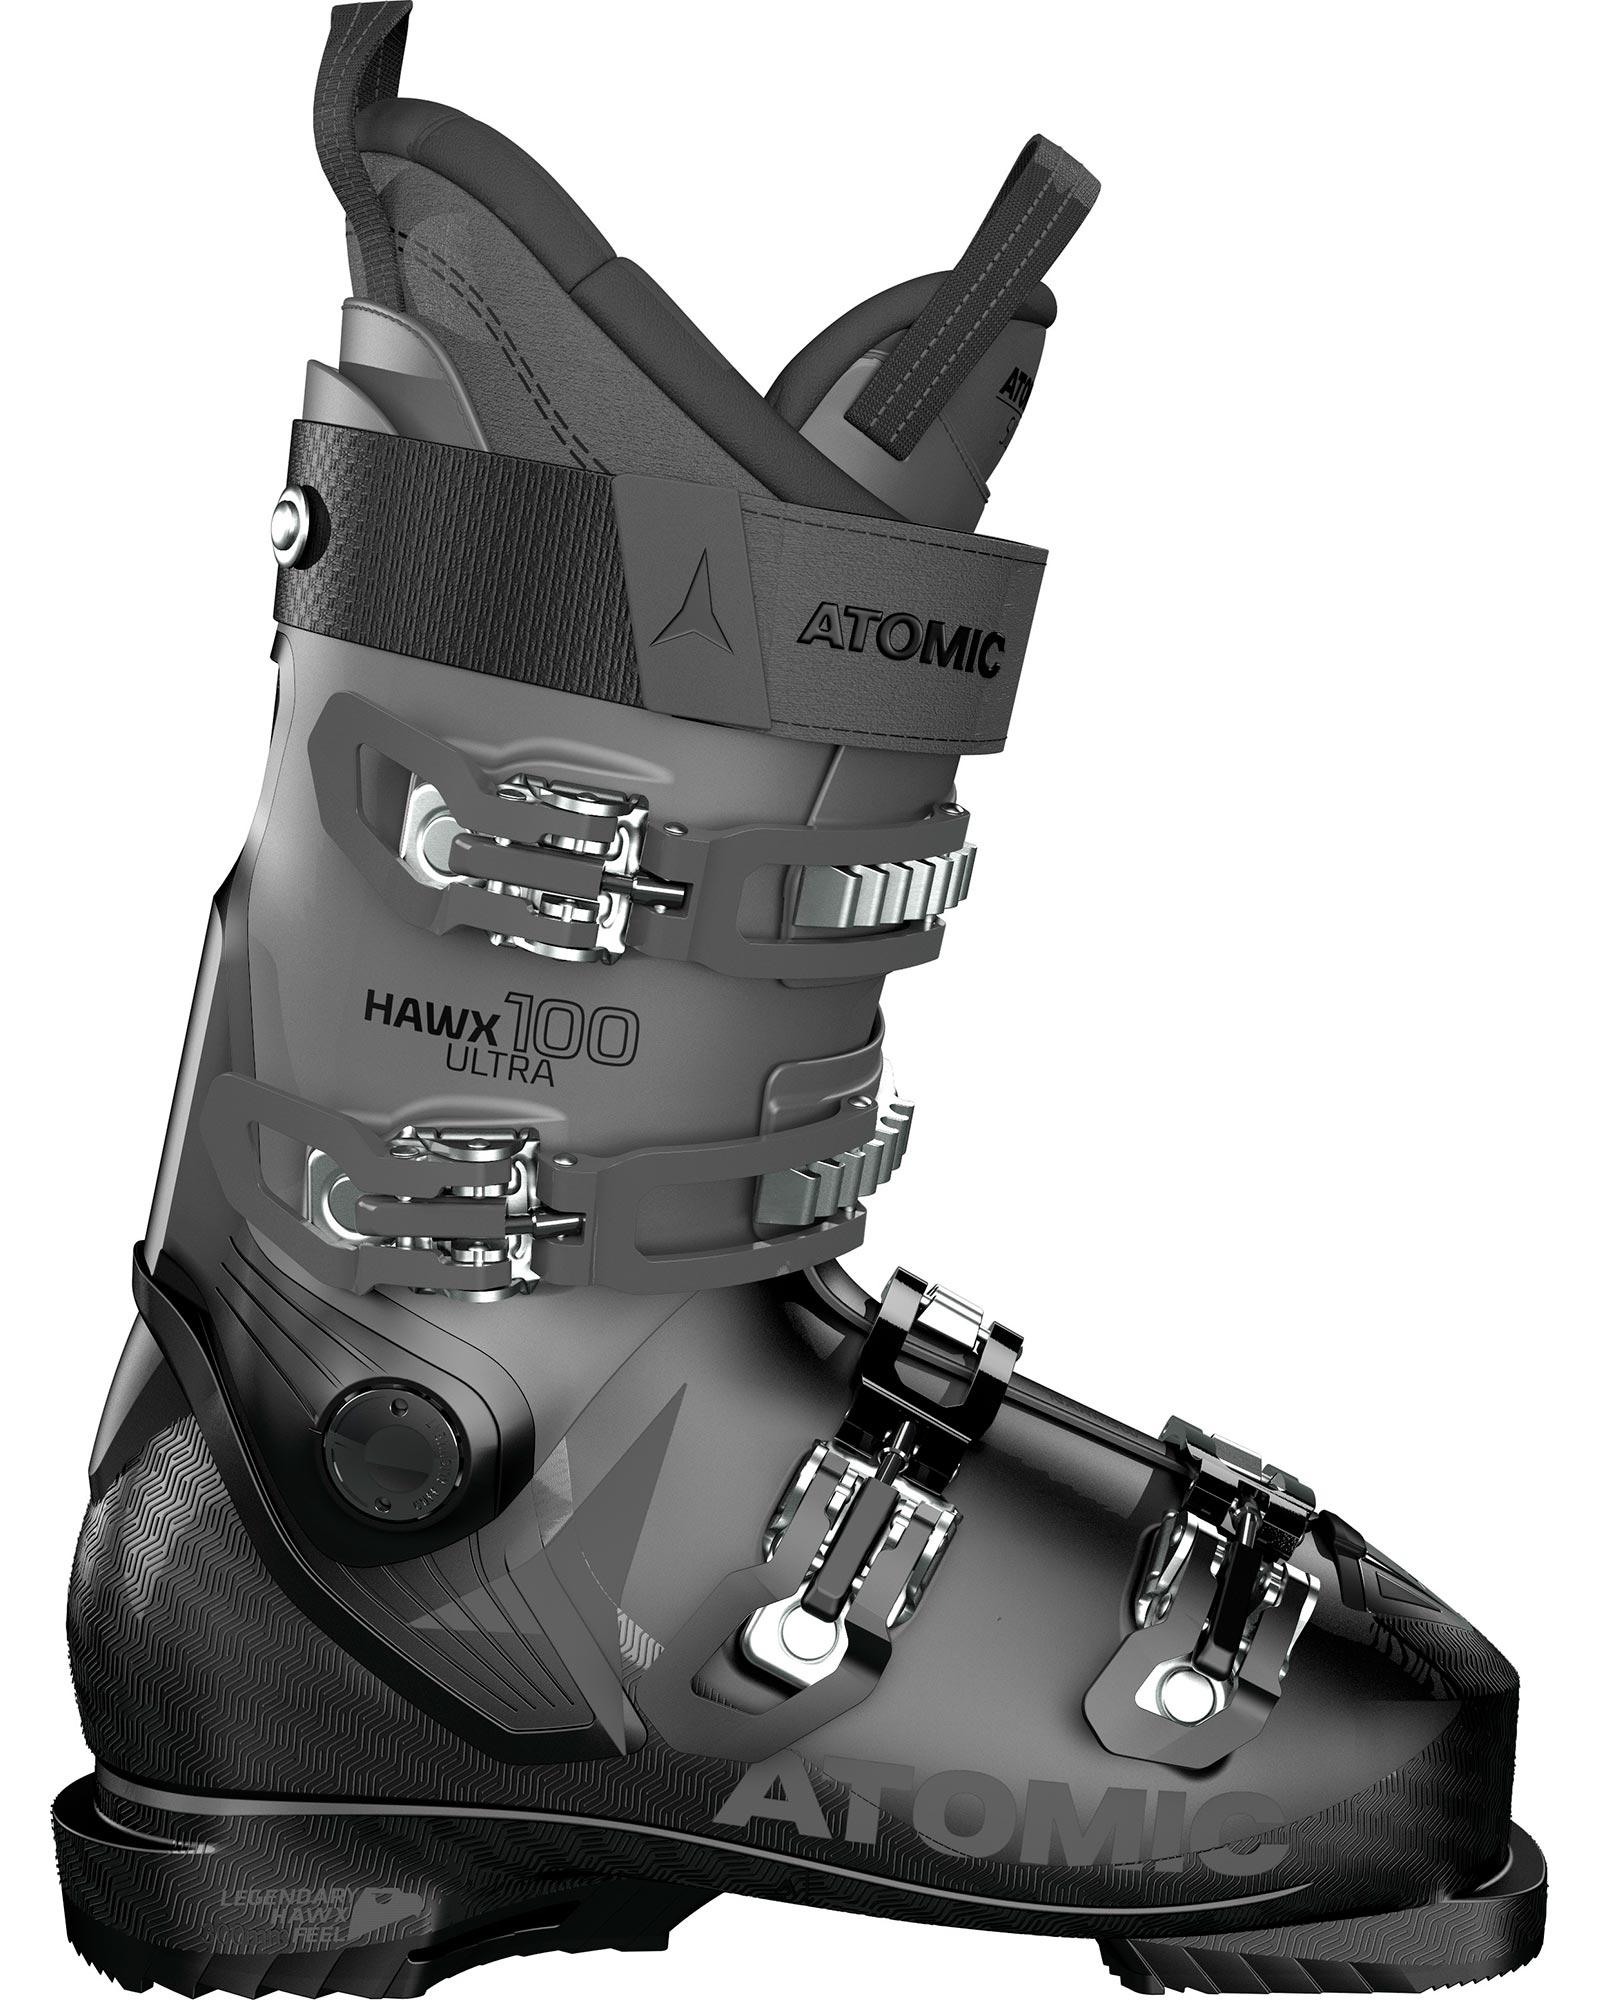 Atomic Men's Hawx Ultra 100 Ski Boots 2020 / 2021 0